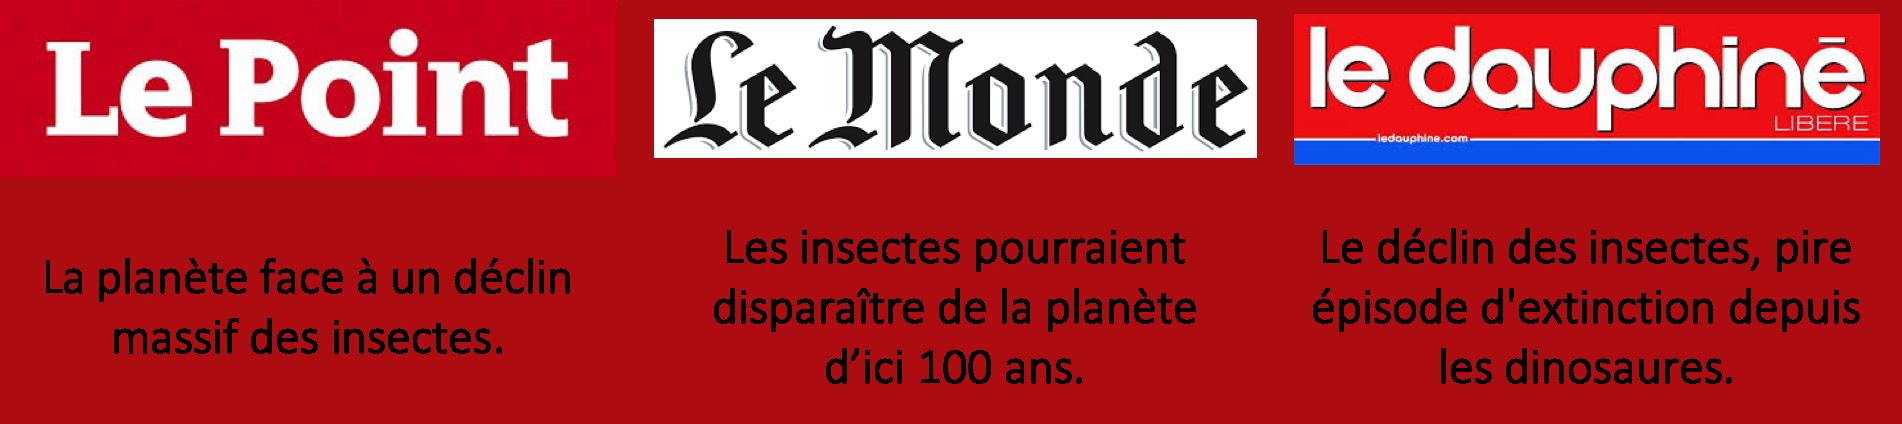 Le déclin des insectes